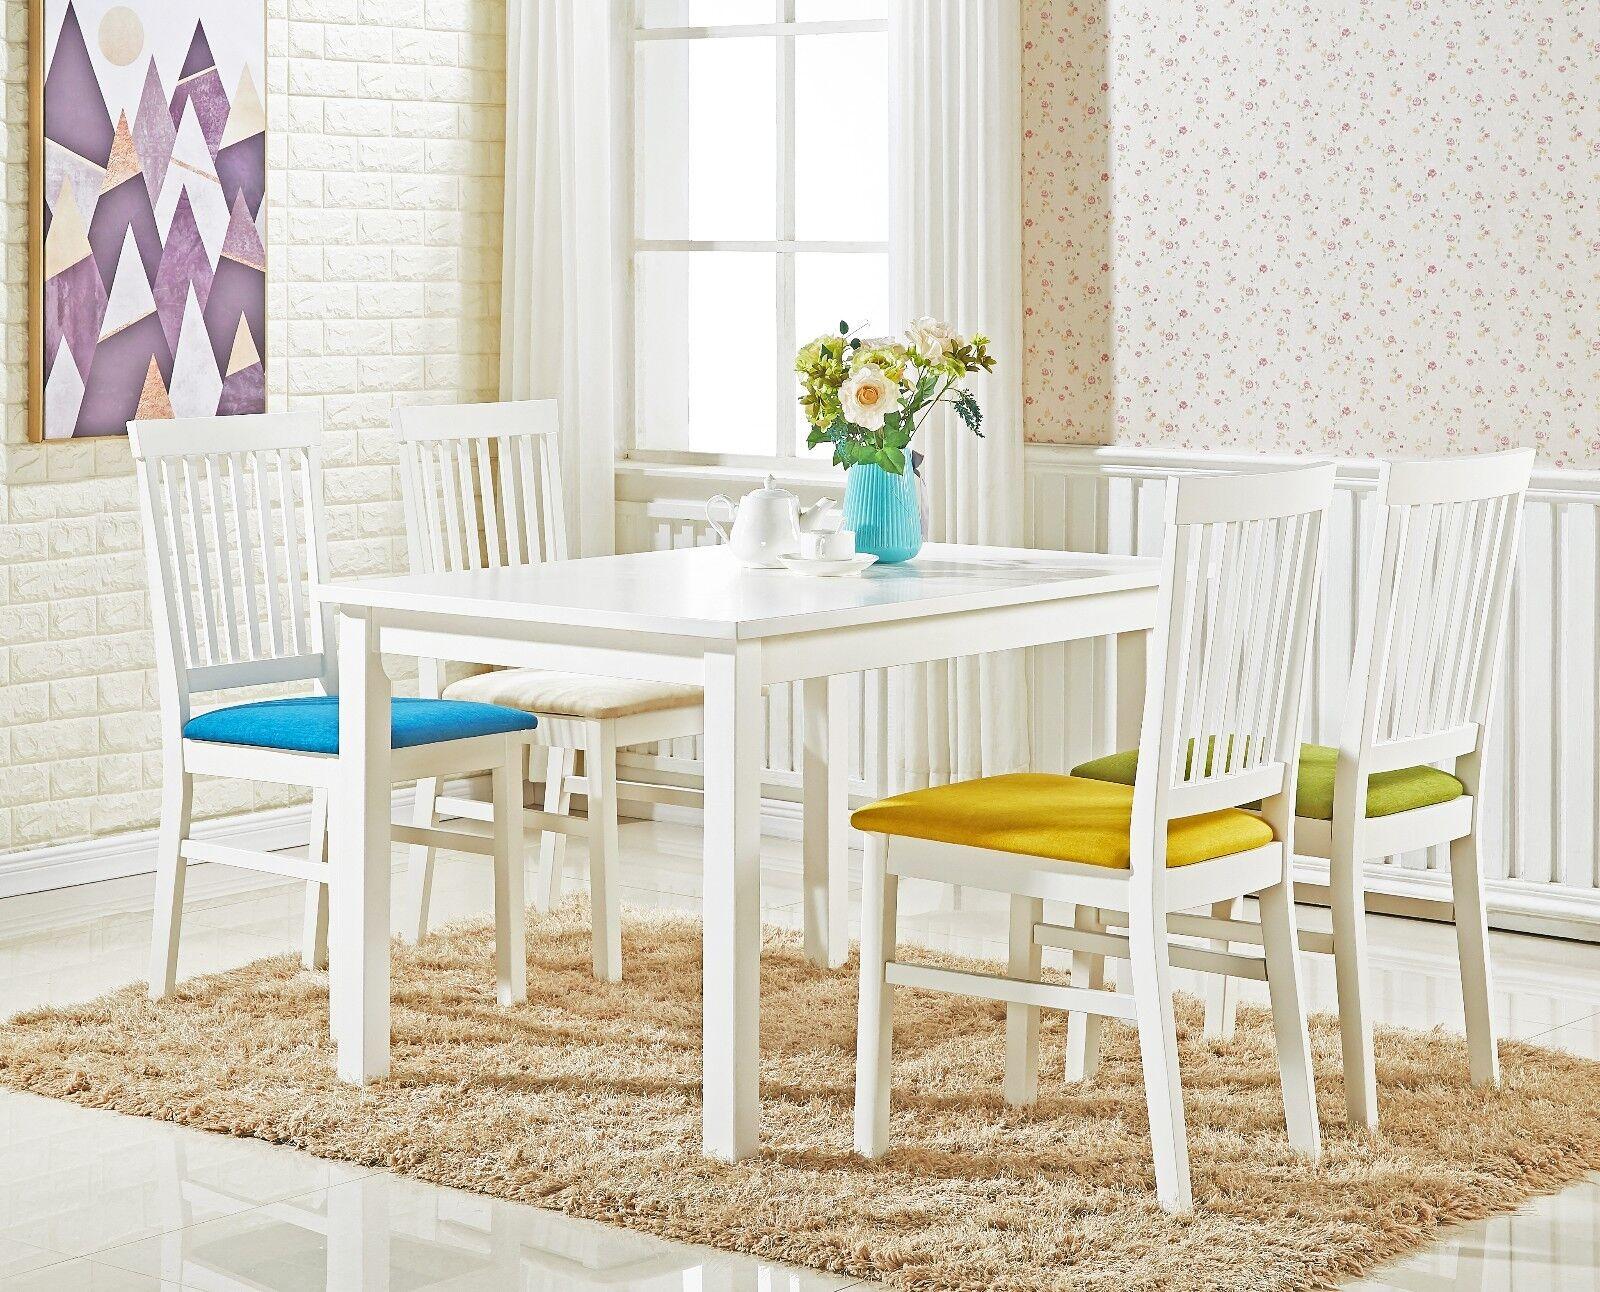 Erfreut Küchentisch Und Stuhl Setzt Canada Bilder - Küchenschrank ...